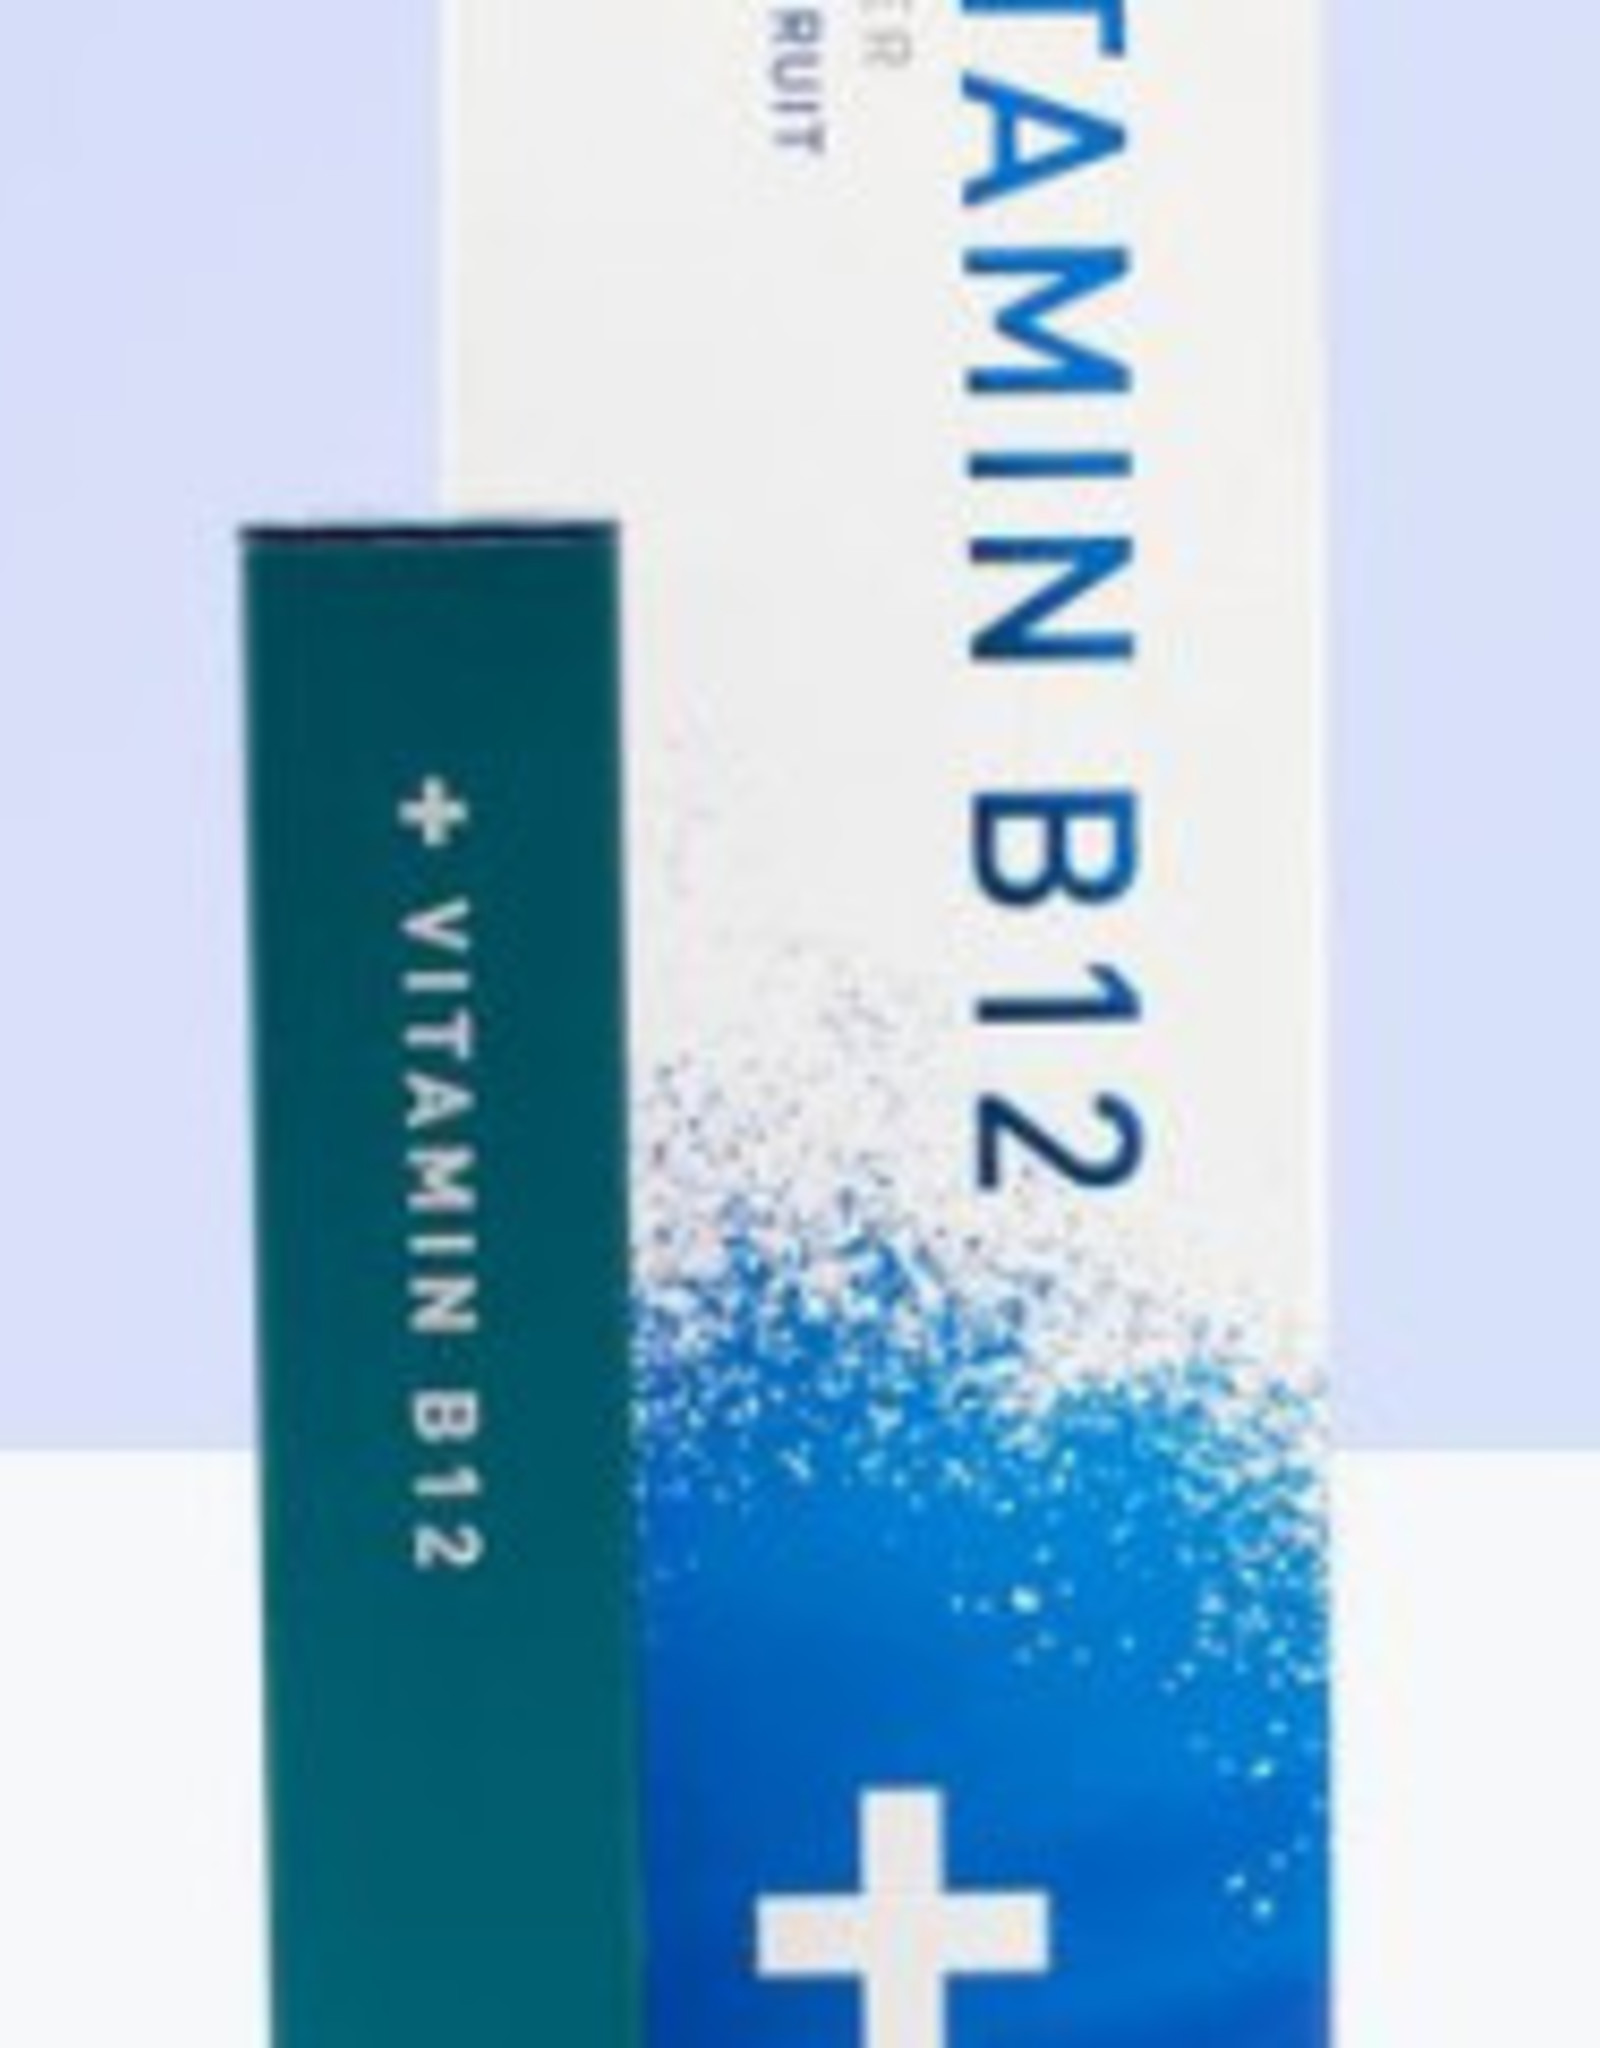 Disposable Inhaler Vitamin B12, Super Fruit by Inhale Health